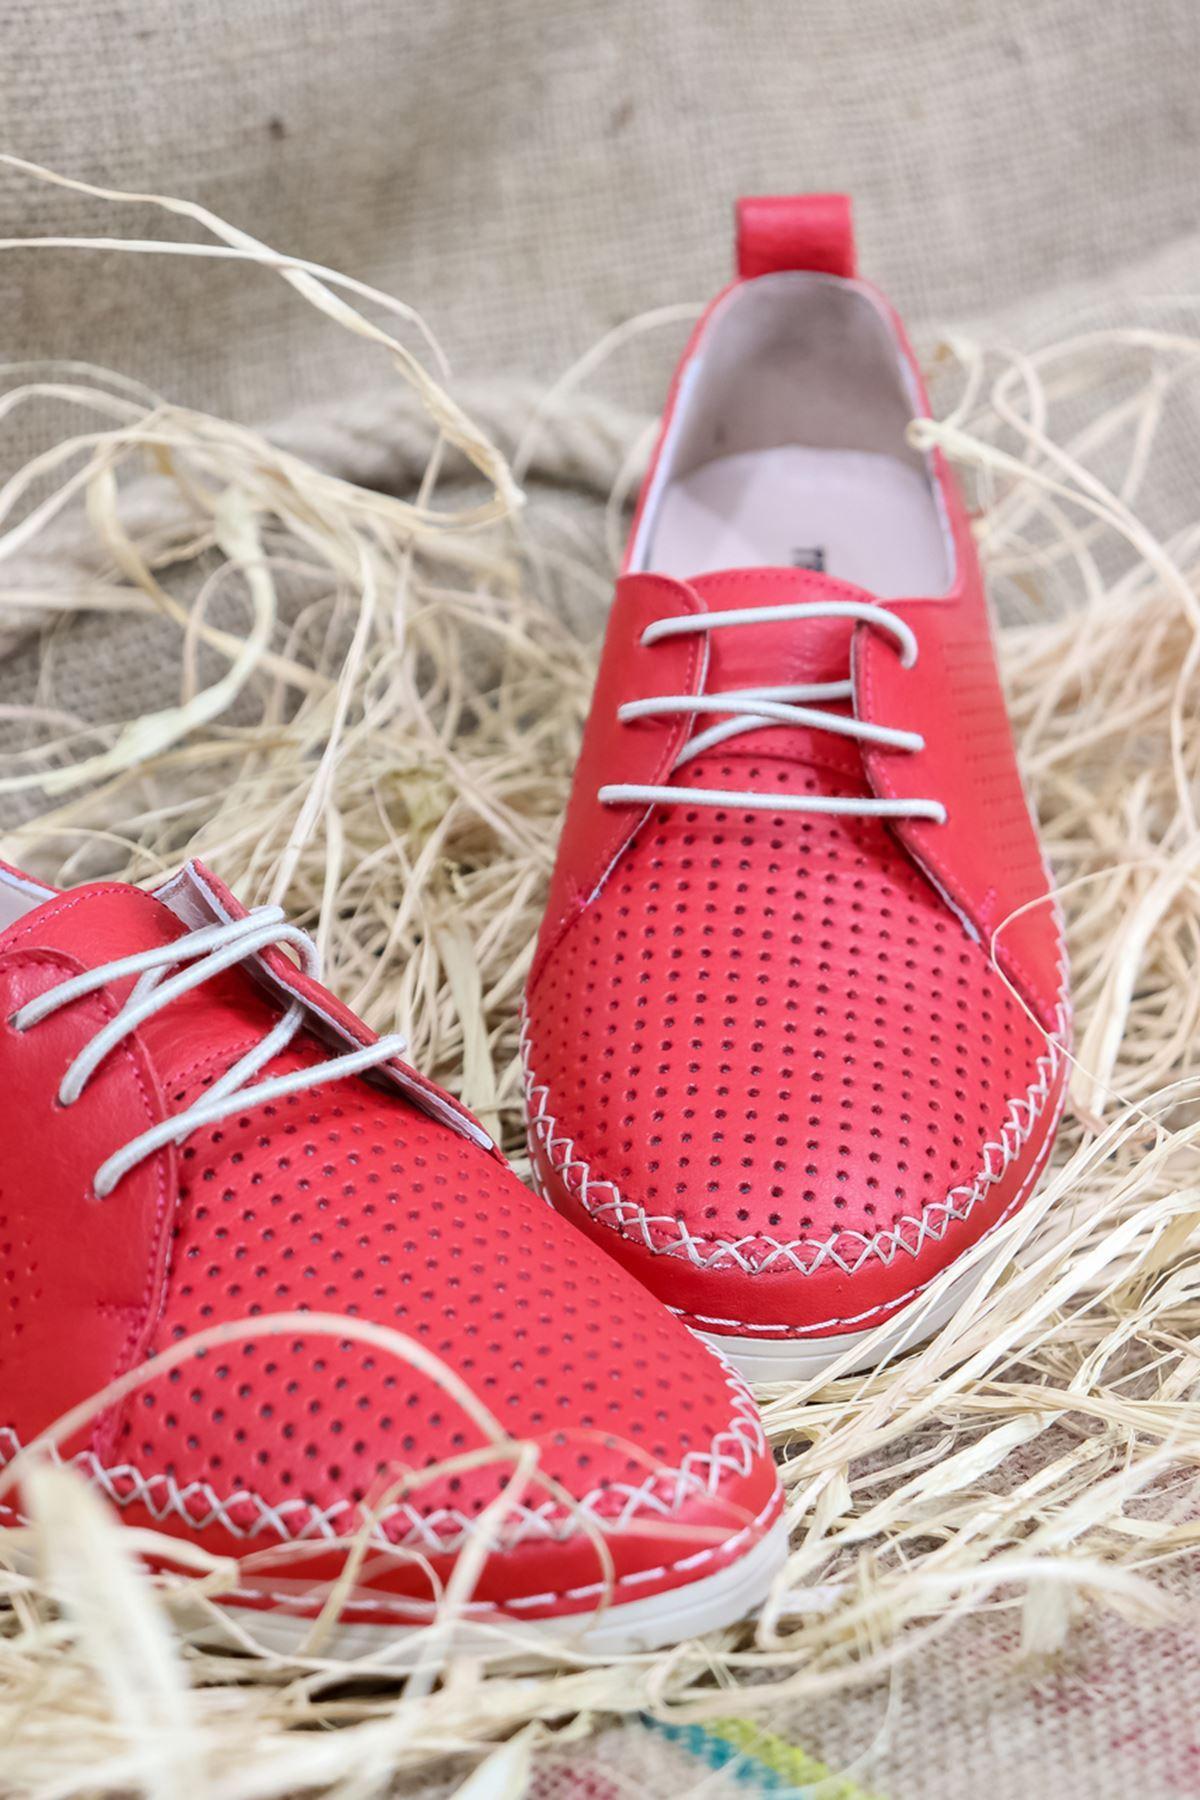 Trendayakkabı - Kırmızı Hakiki Deri Kadın Ayakkabısı